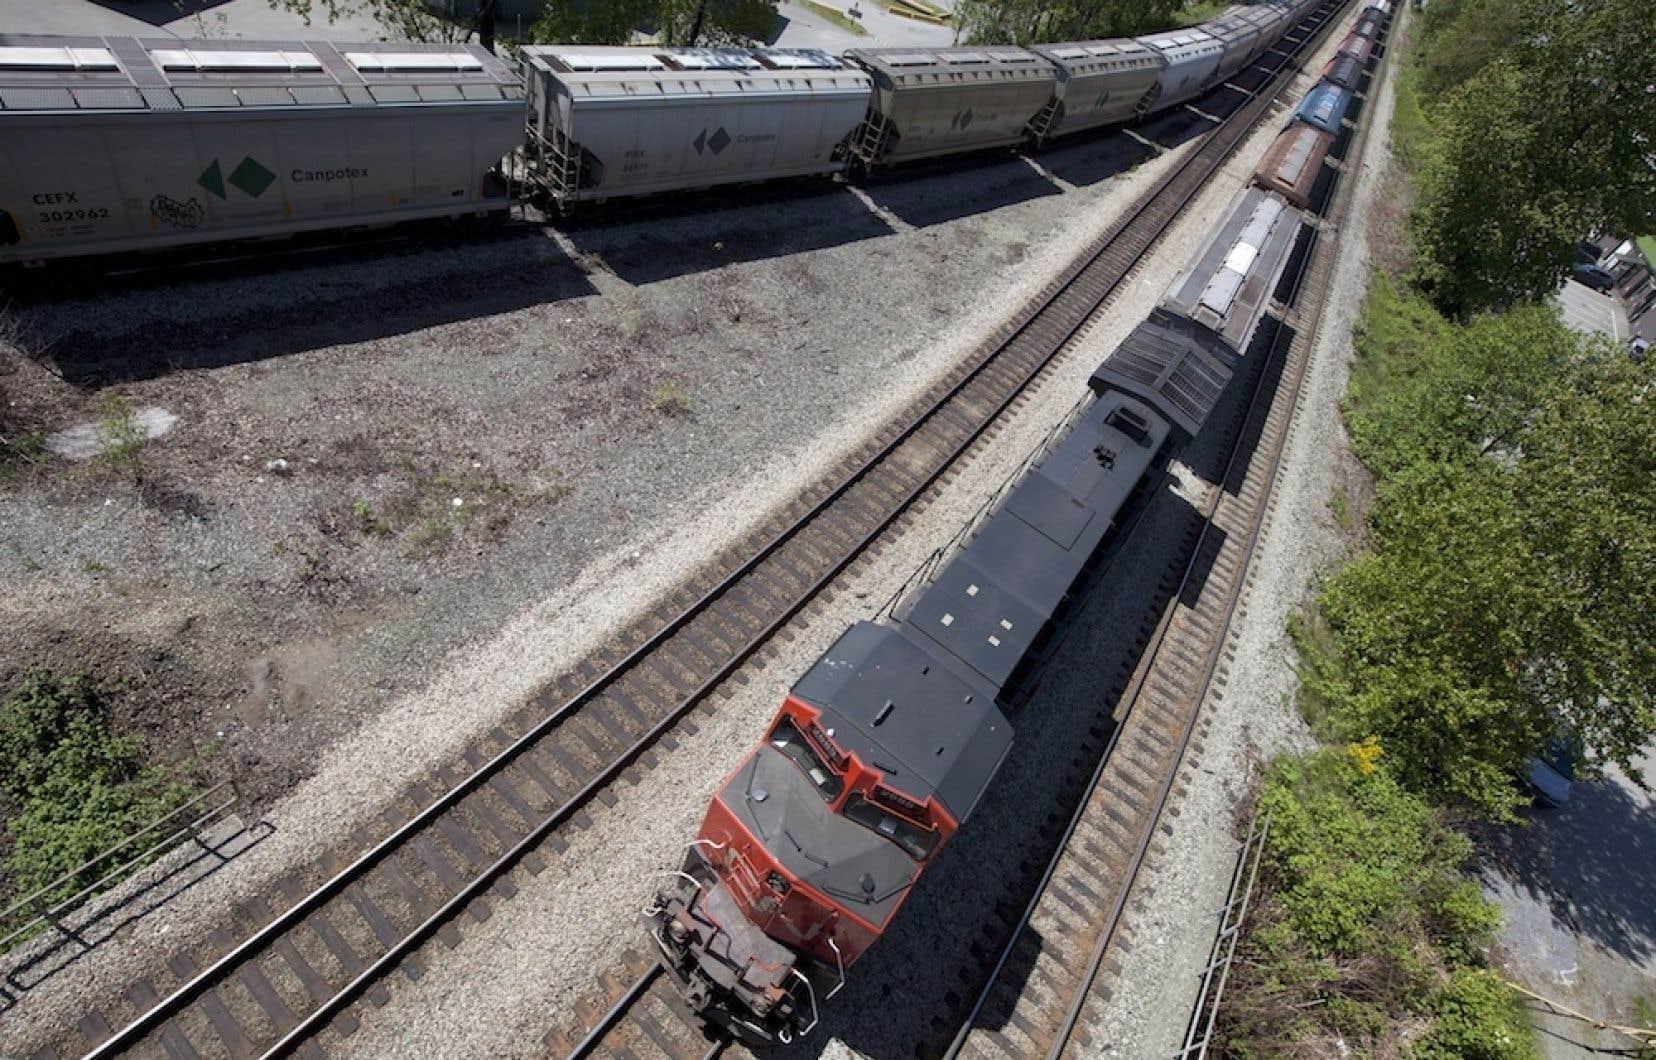 Le CN a récemment interrompu l'étude de faisabilité et l'évaluation environnementale du tracé afin d'évaluer les « échéanciers » des travaux d'exploitation de fer des sociétés minières.